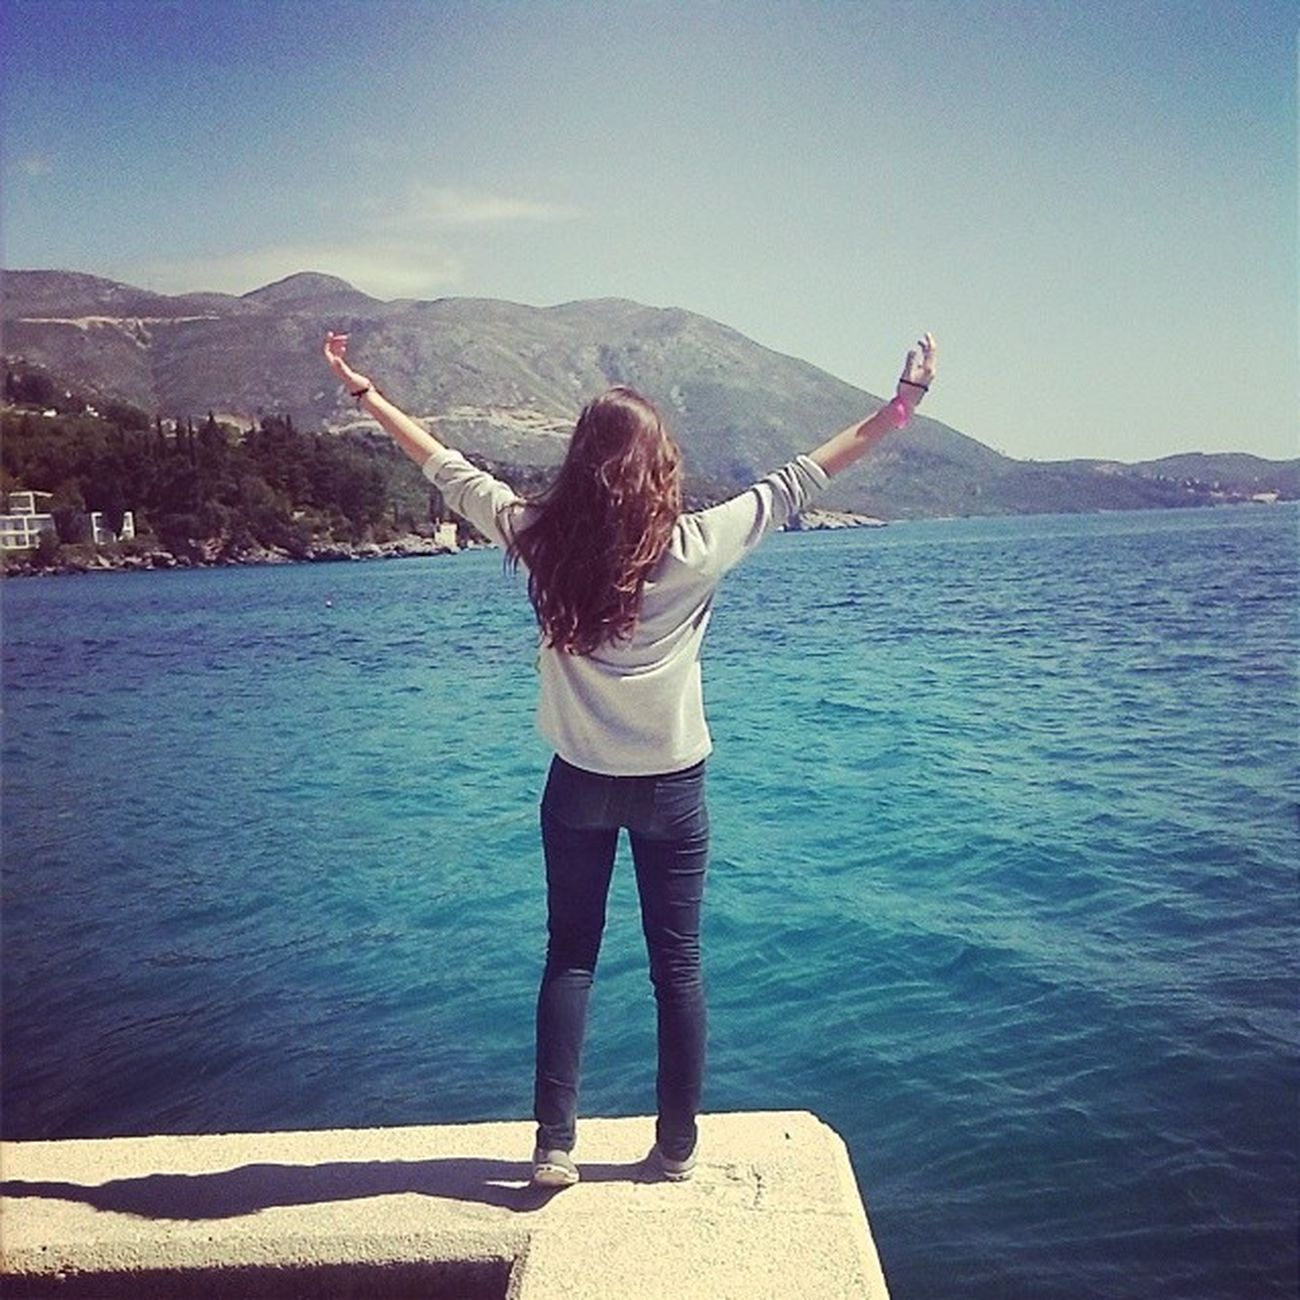 Dubrovnik ! More Uzivancija SHKM shkmdubrovnik na slobodu pozvani požega Mlini hands wide open Jesus is awesome